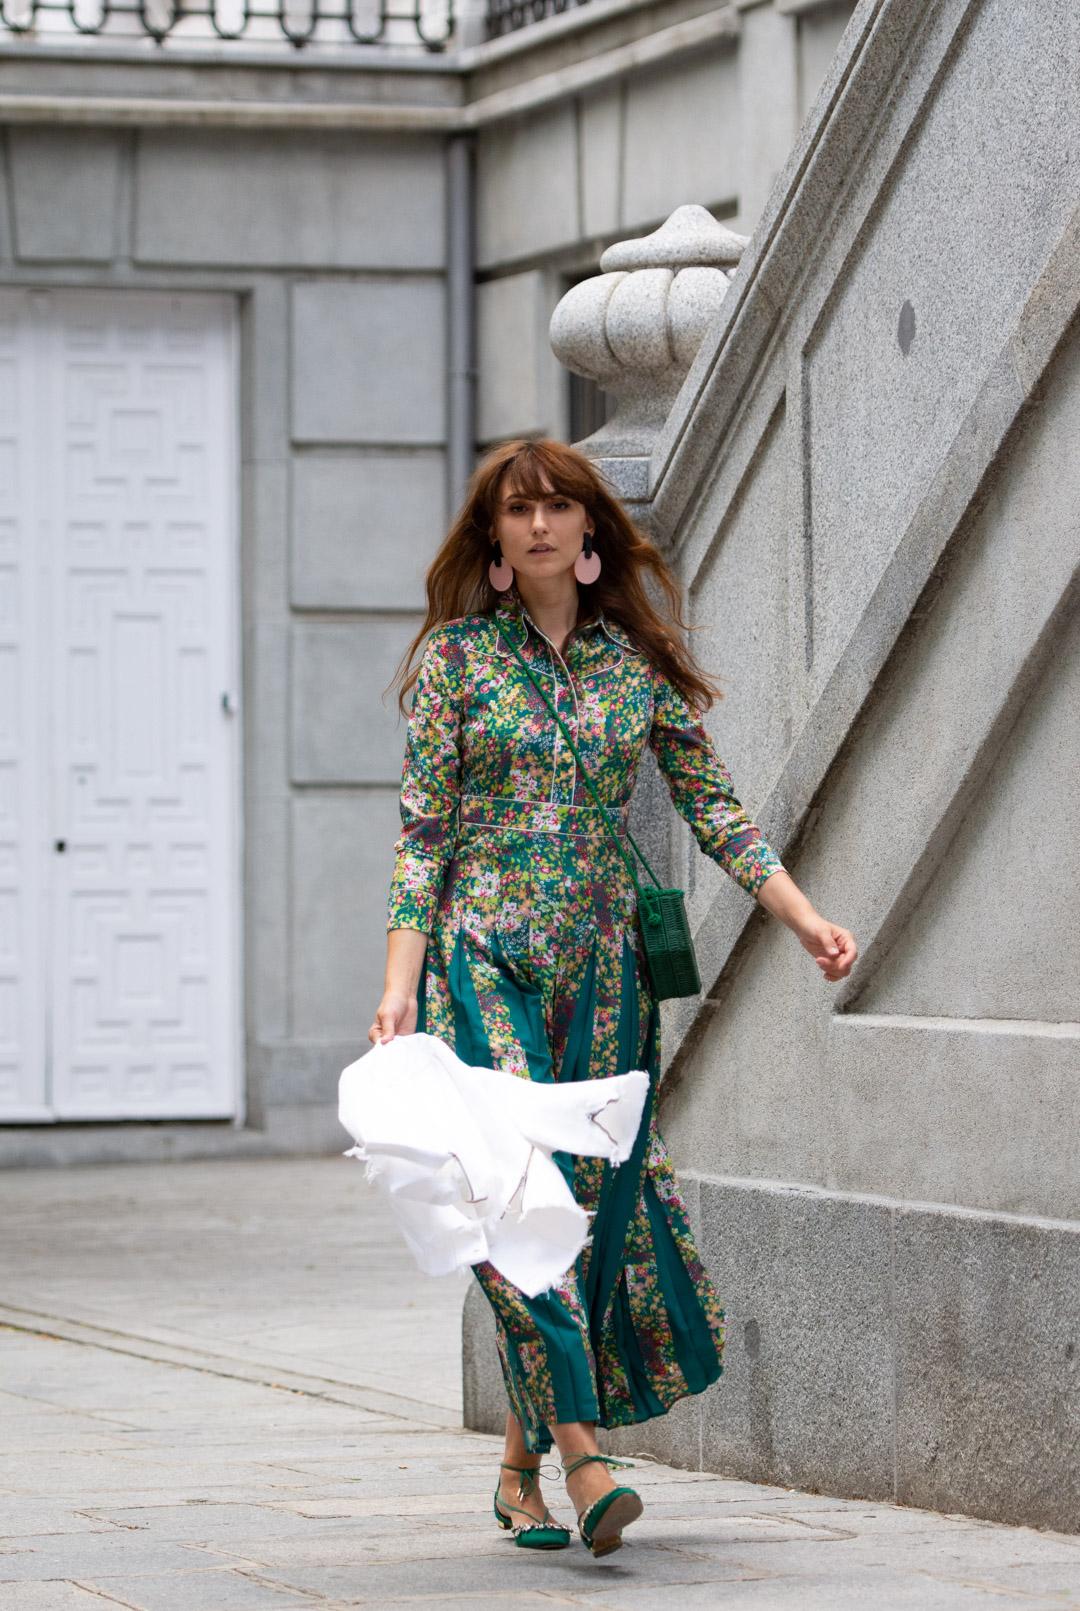 vestido-verde-street-style-mayte-de-la-iglesia-web-06